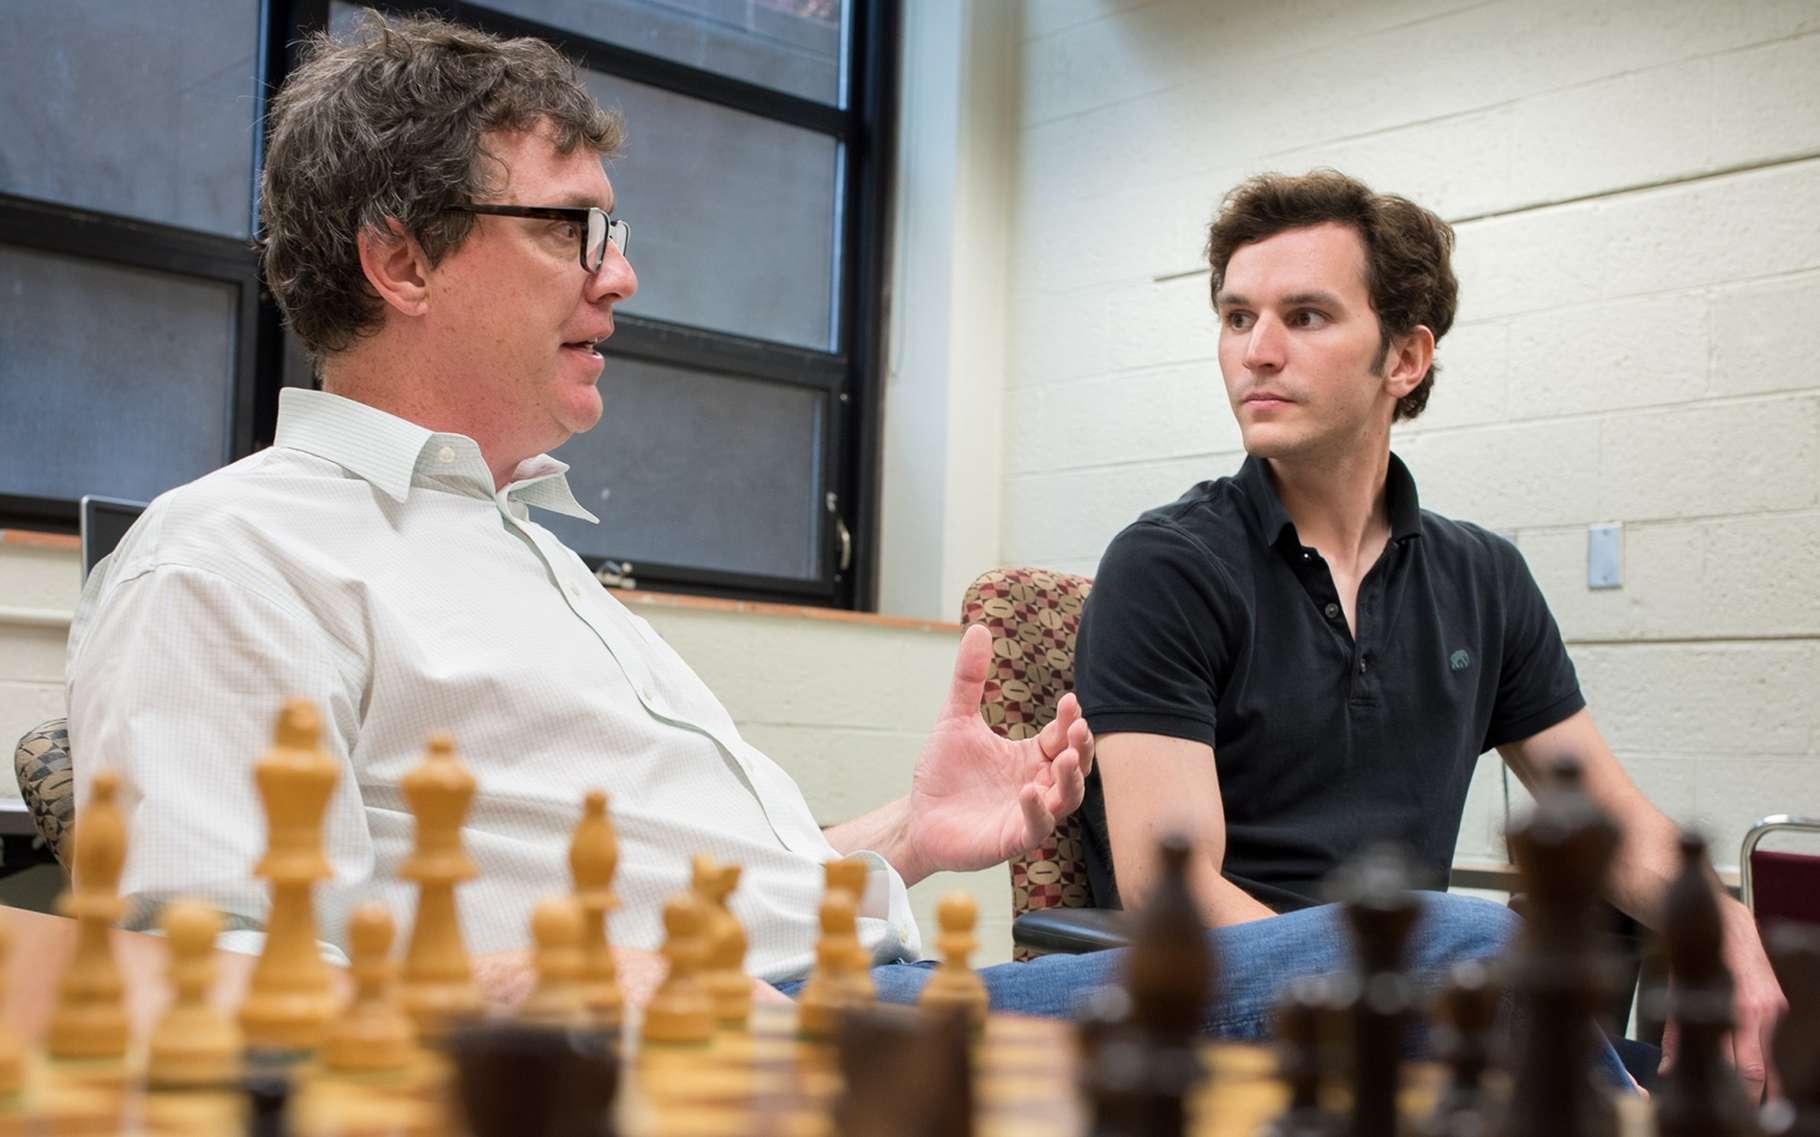 Zach Hambrick, à gauche, discute avec le jeune chercheur Alexander Burgoyne devant un plateau d'échecs. Pour eux, le talent à ce jeu ne peut pas venir seulement de l'entraînement. Il faut être intelligent. © G.L. Kohuth, Michigan State University